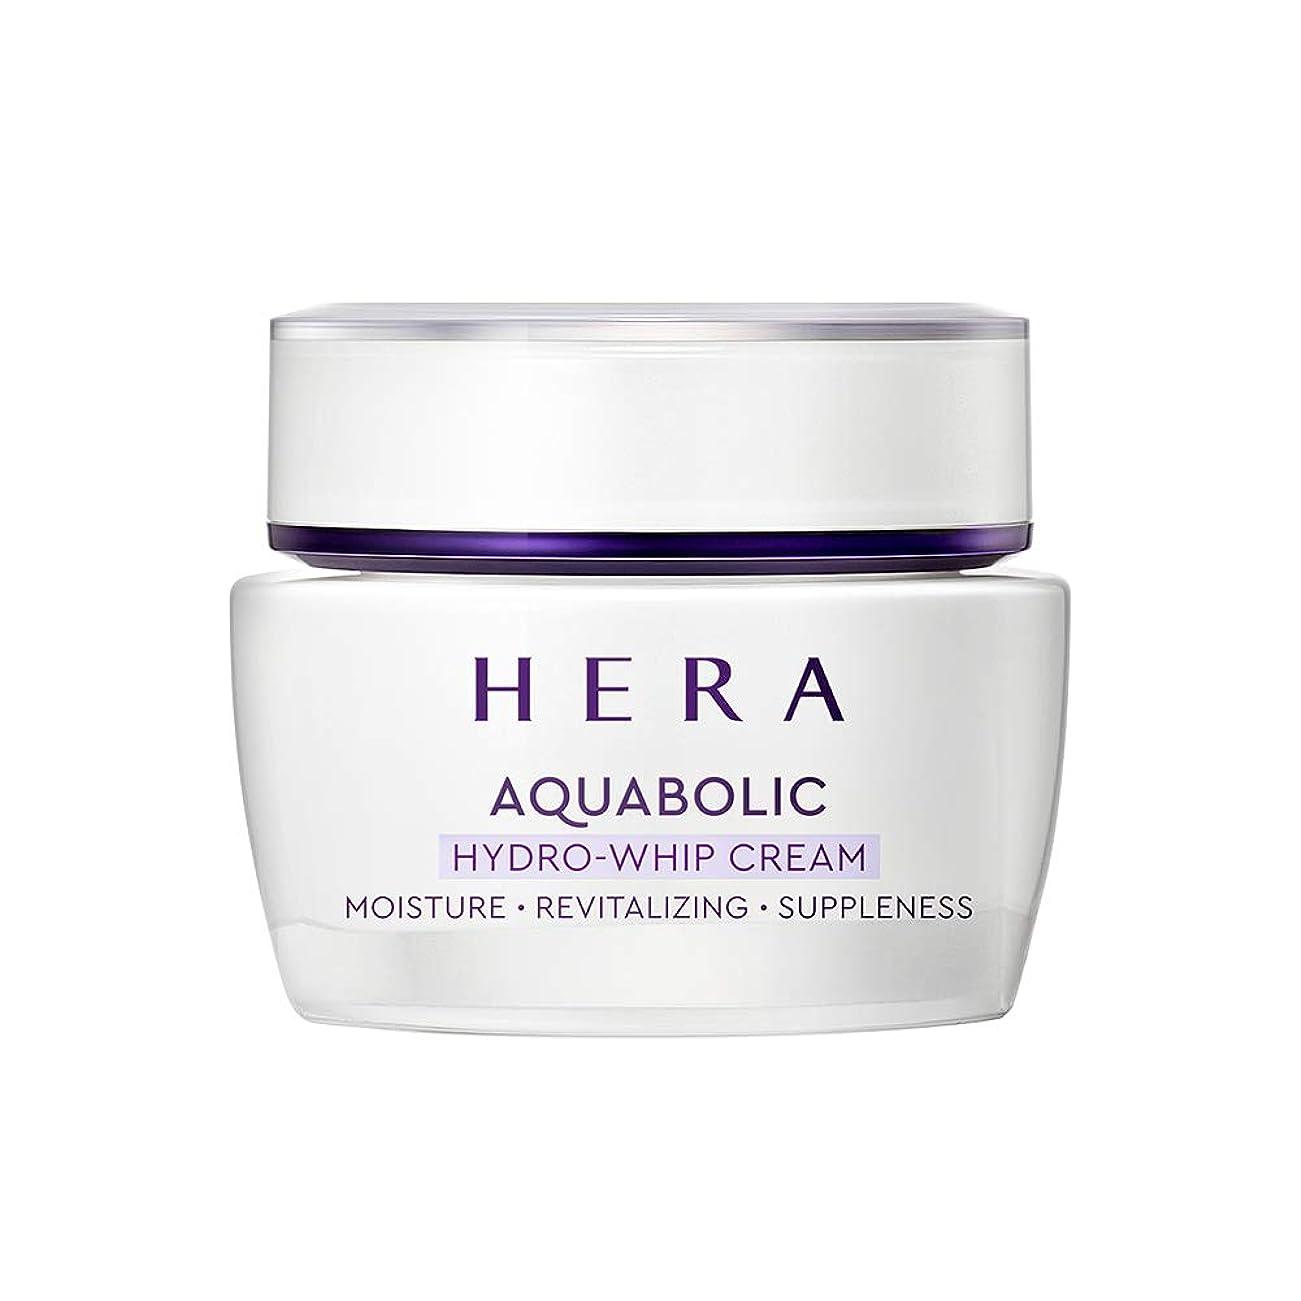 壊す平行ストレンジャー【HERA公式】ヘラ アクアボリック ハイドロ-ホイップ クリーム 50mL/HERA Aquabolic Hydro-Whip Cream 50mL